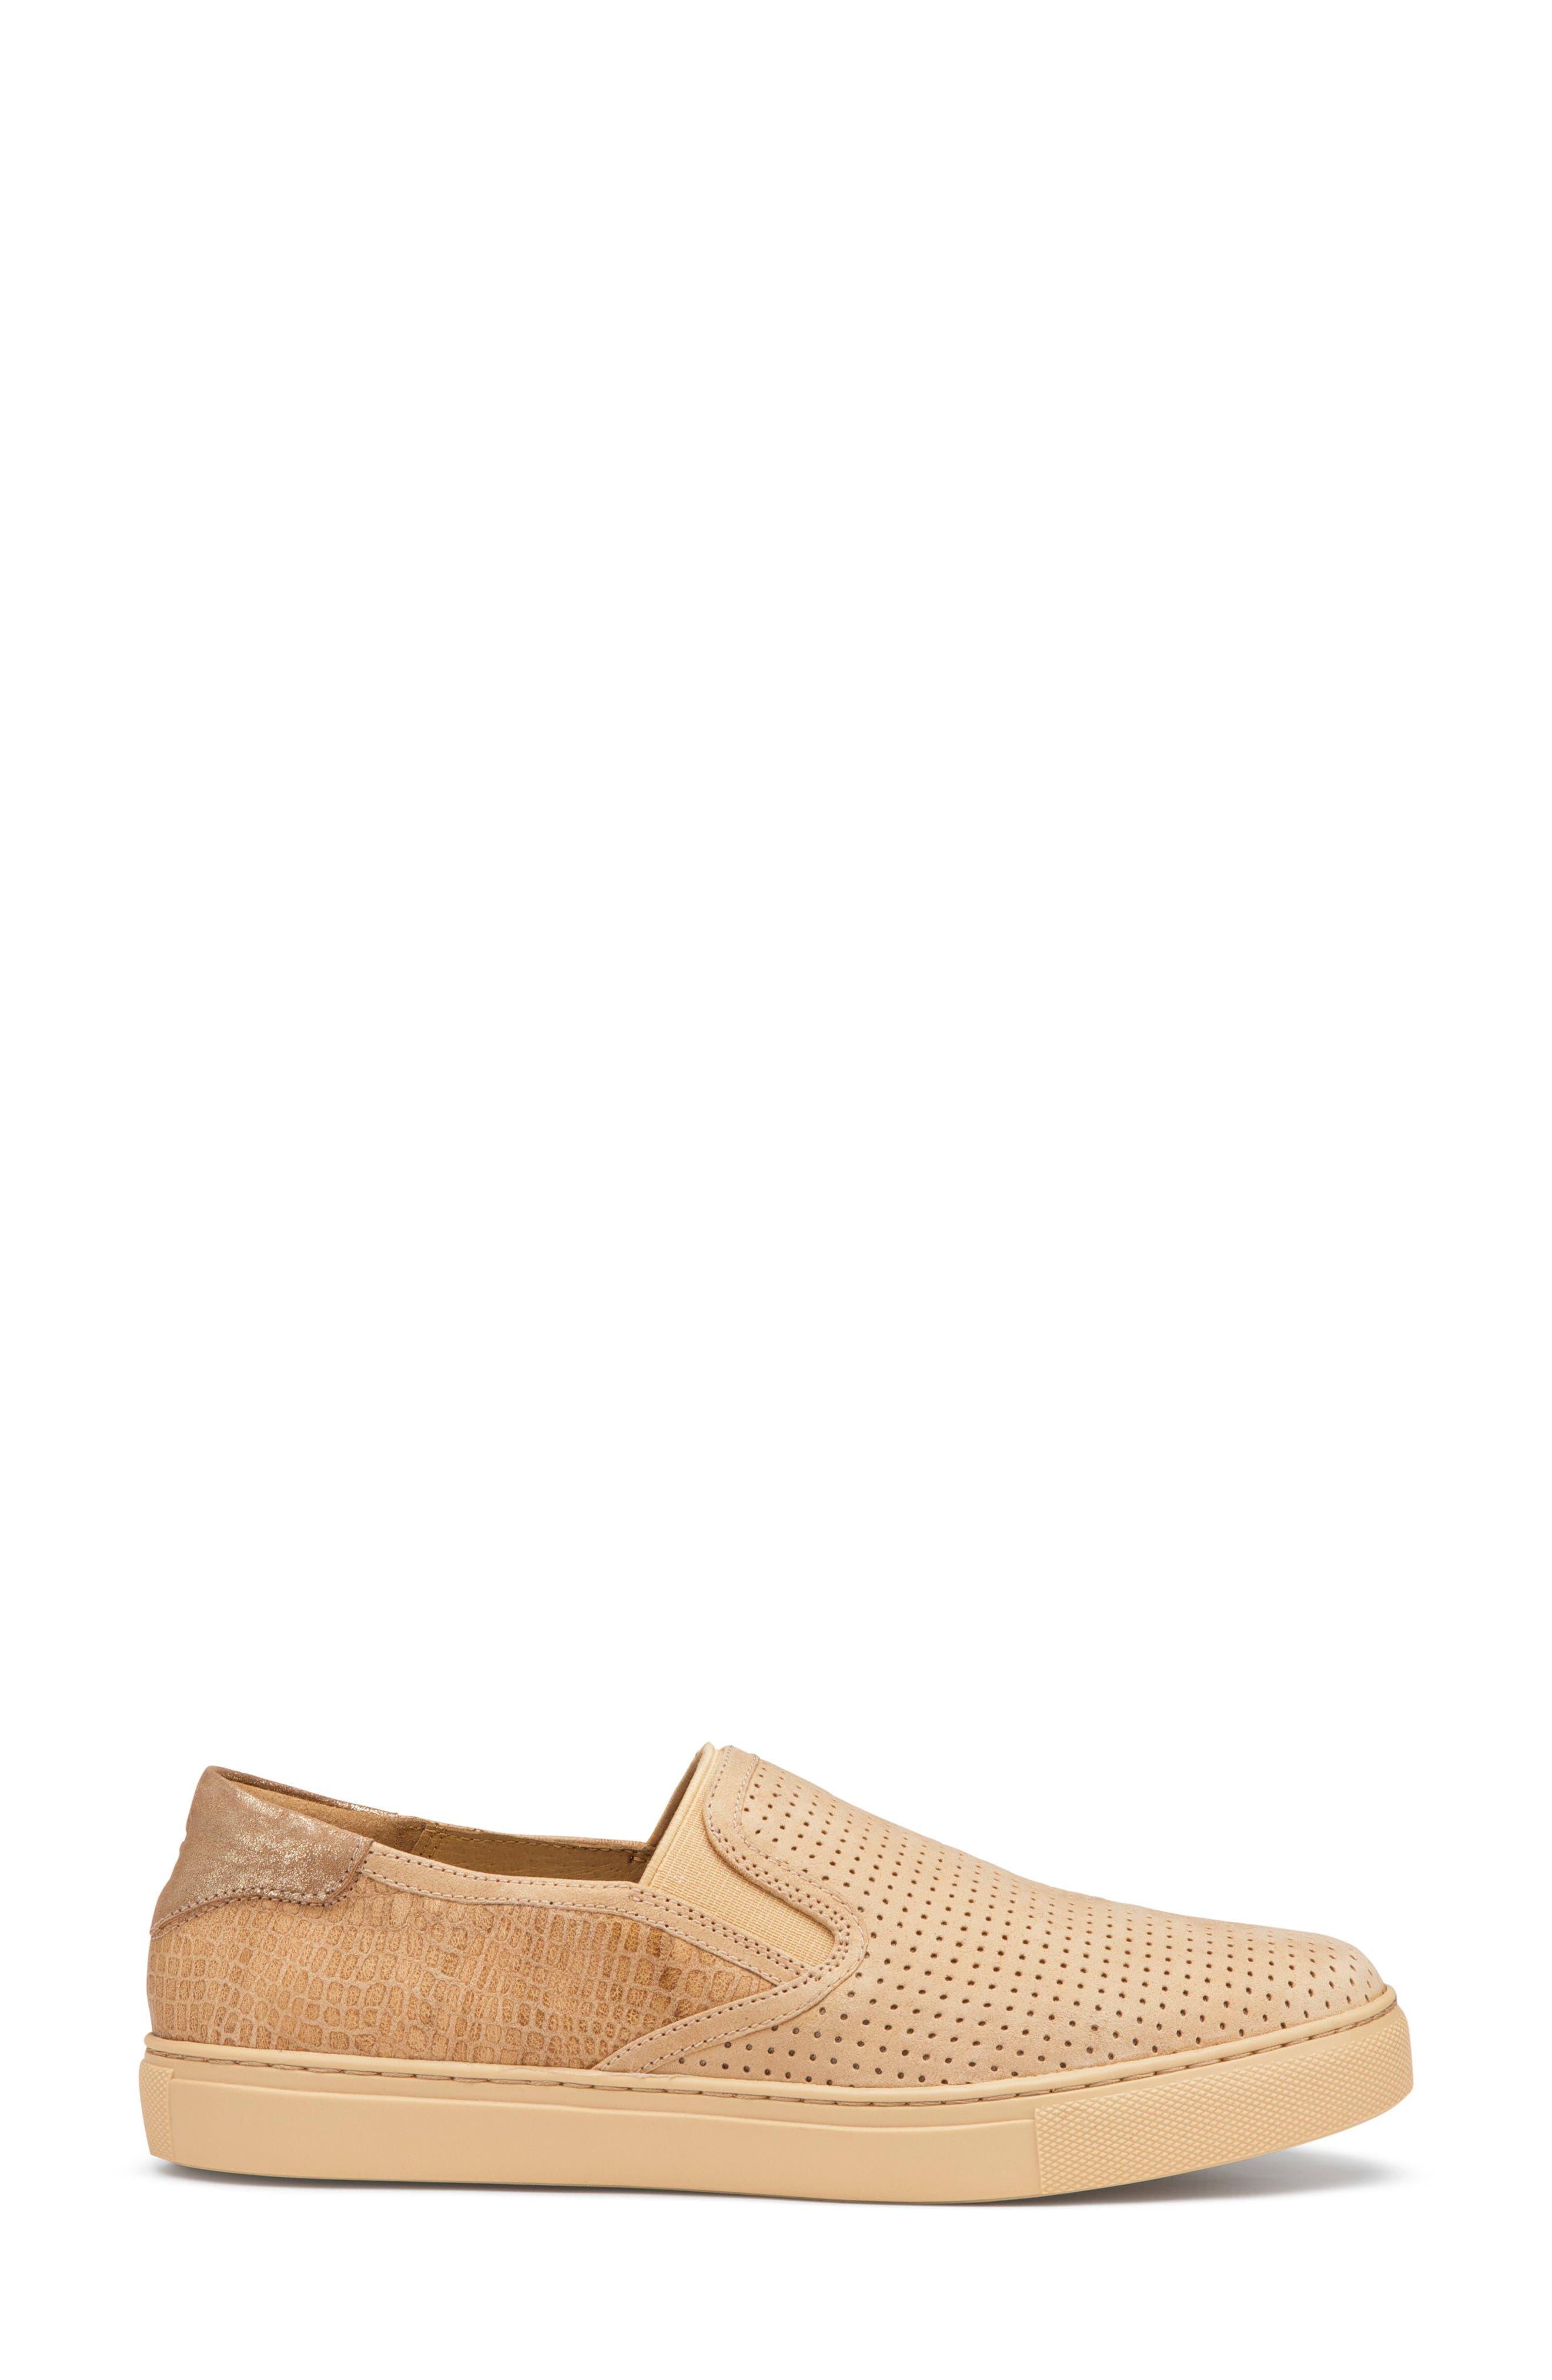 Alternate Image 3  - Trask Lillian Water Resistant Slip-On Sneaker (Women)